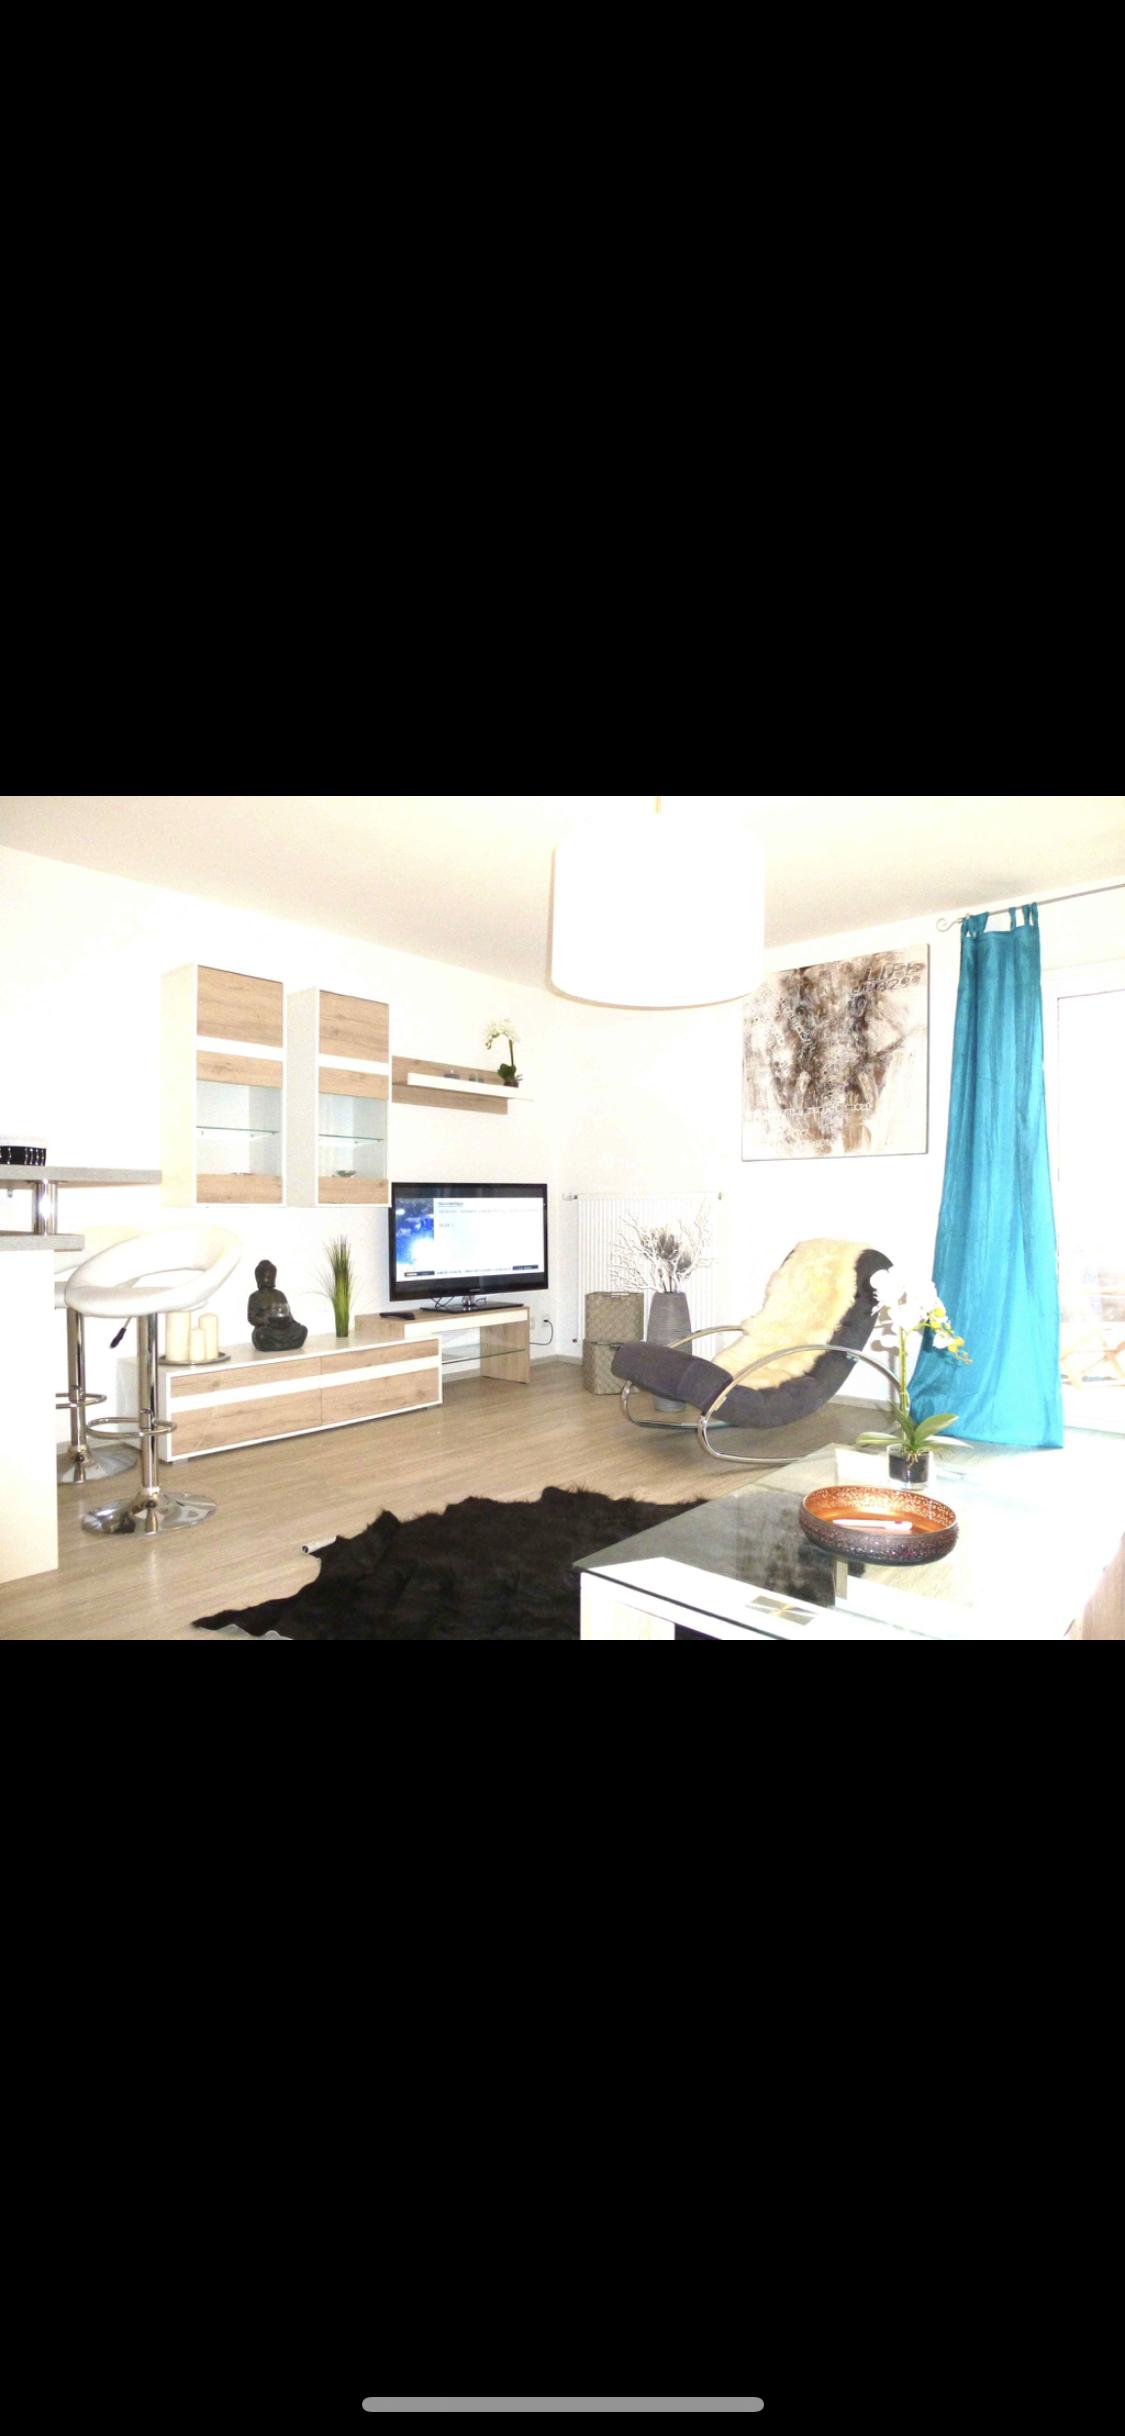 Exklusive, geräumige und neuwertige 1-Zimmer-Wohnung mit Balkon und EBK in Landshut in Altstadt (Landshut)